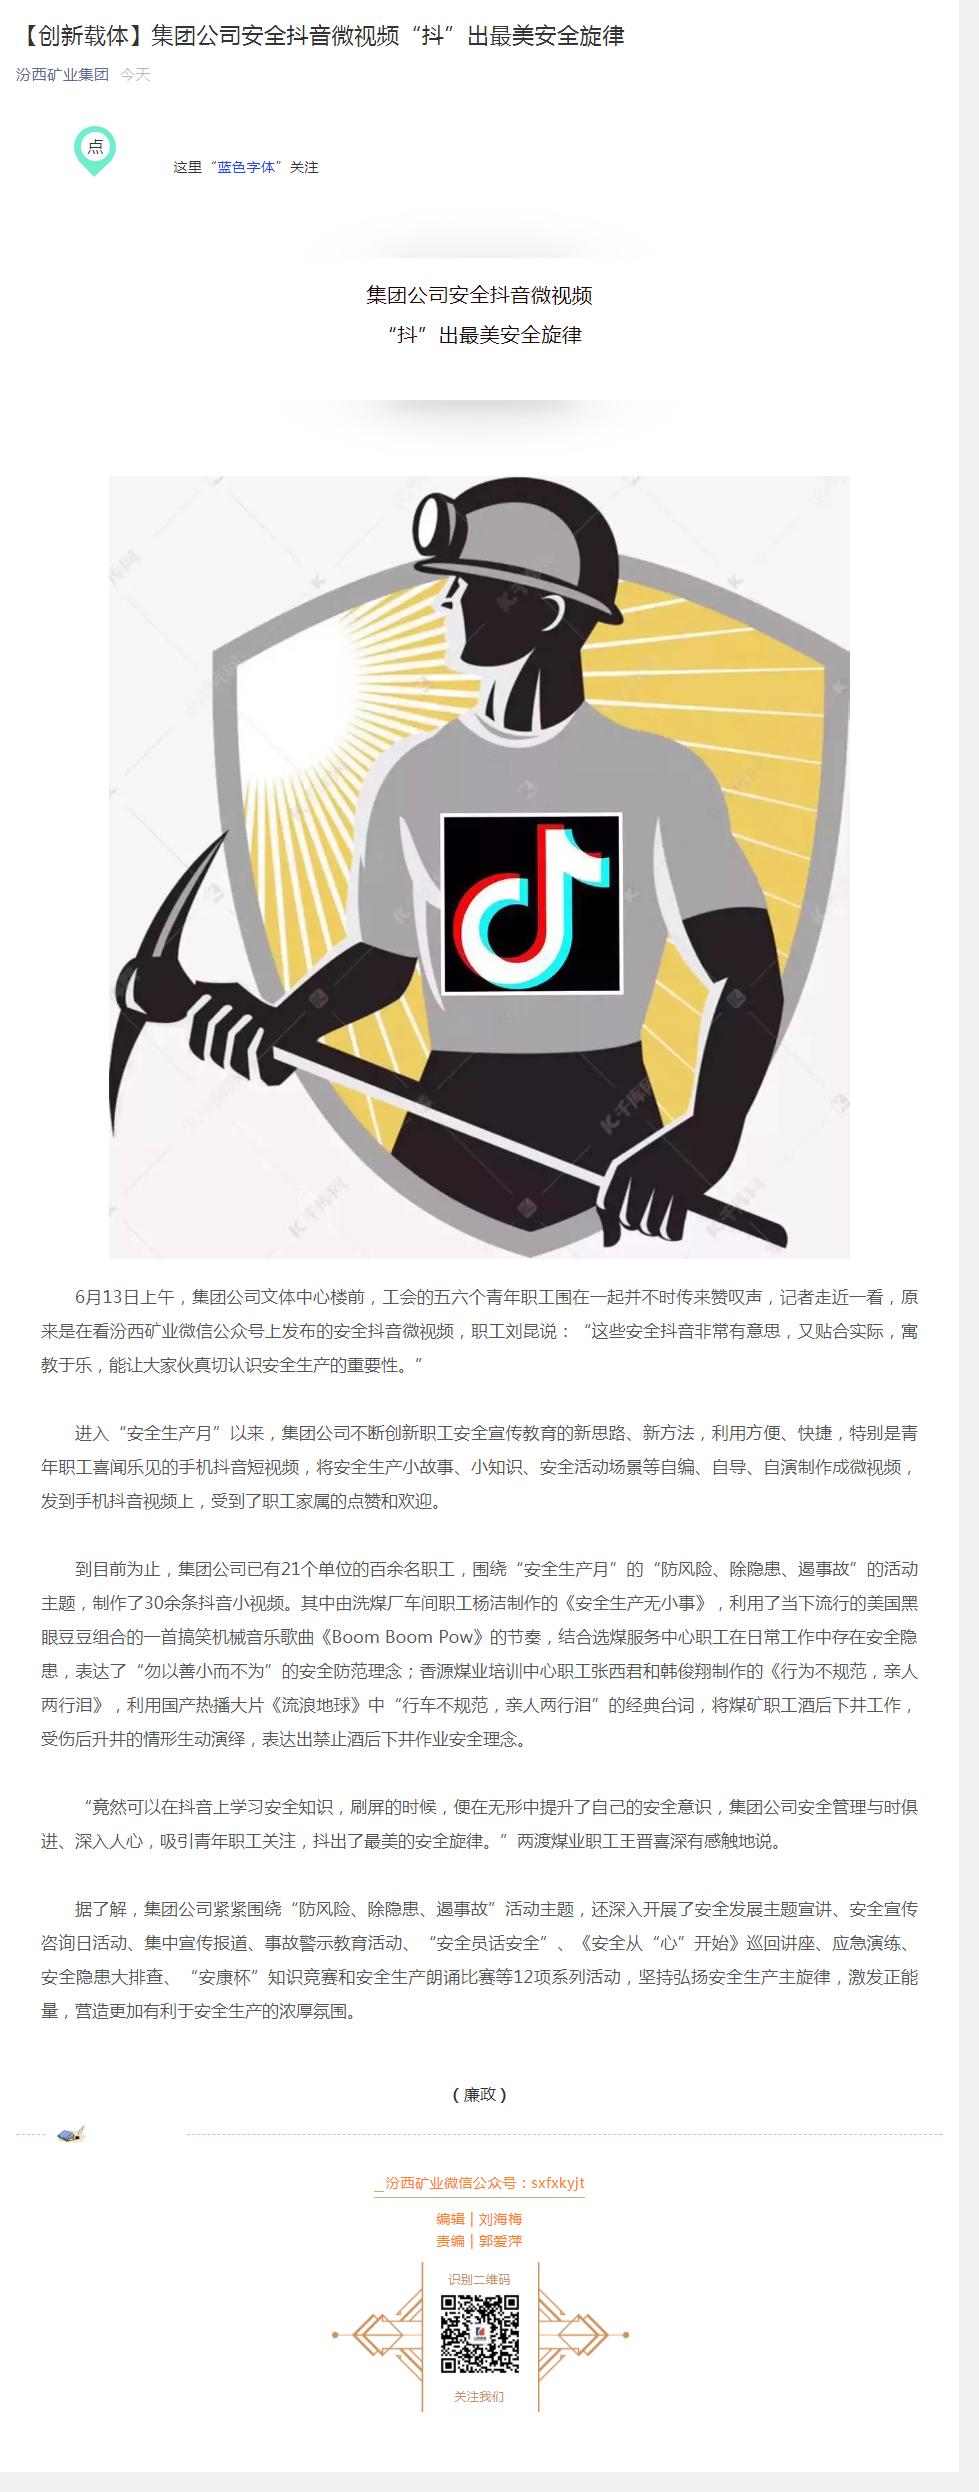 """【创新载体】集团公司安全抖音微视频""""抖""""出最美安全旋律.png"""